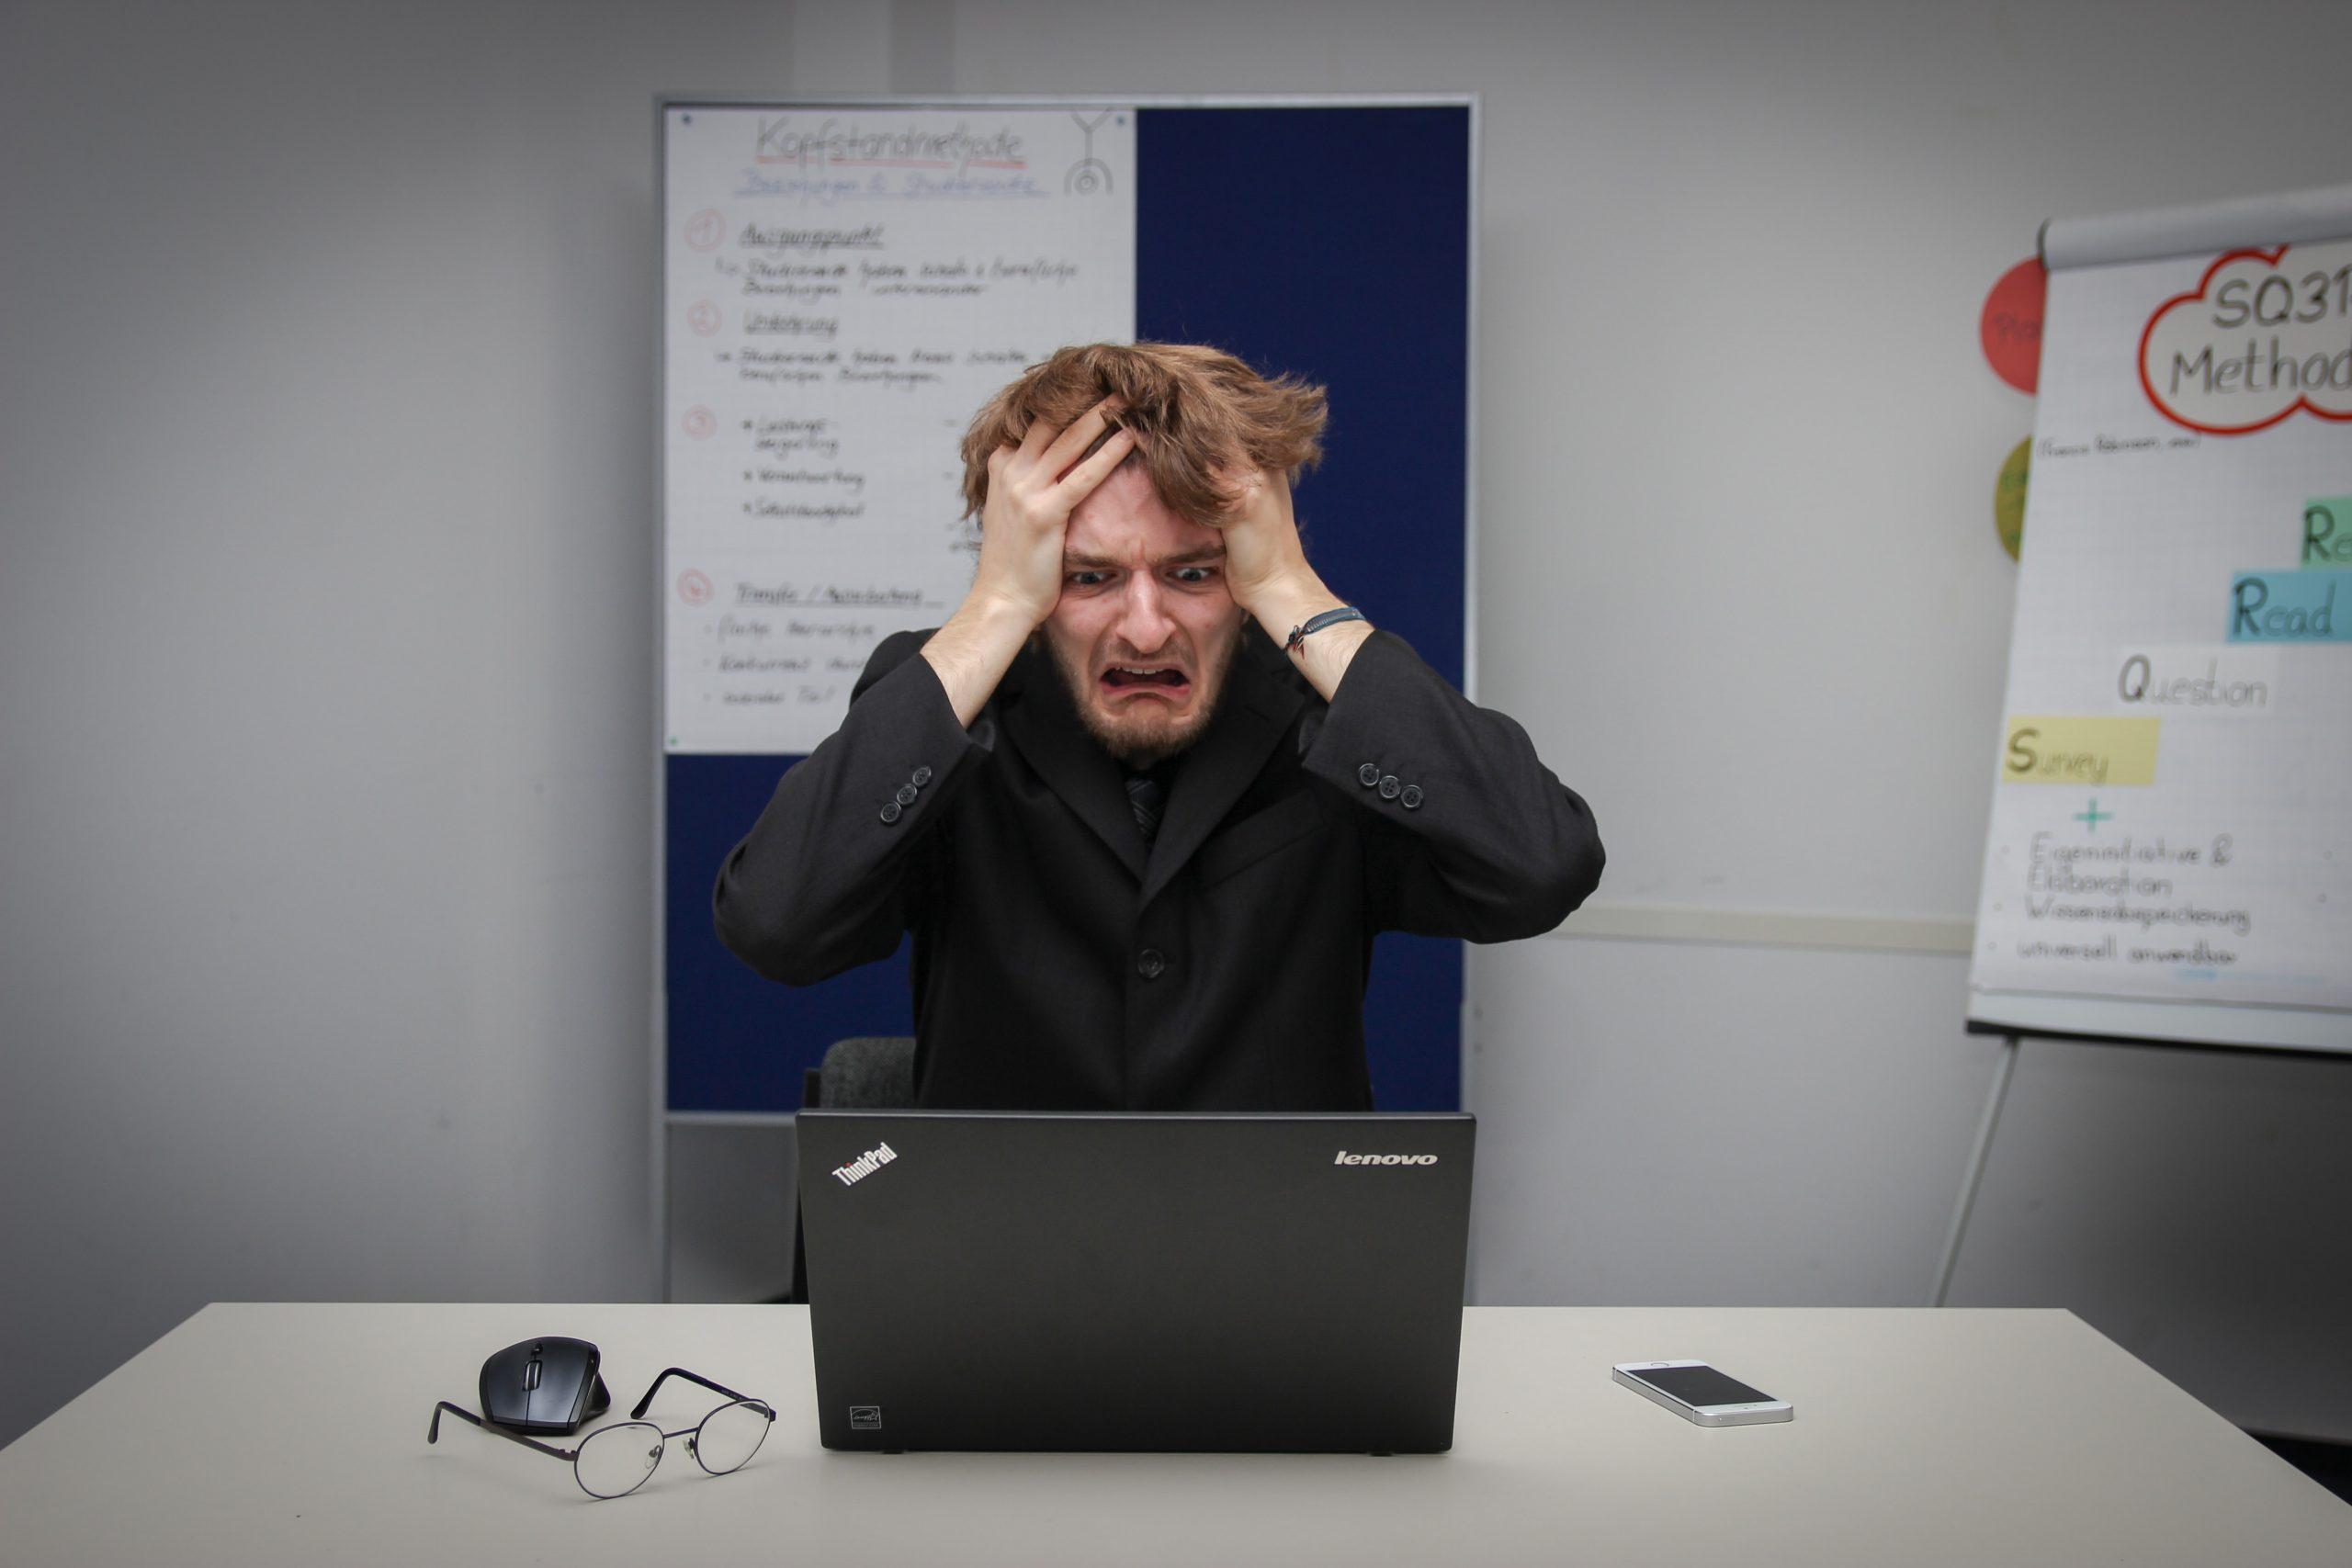 Mann arbeitet verzweifelt an Computer